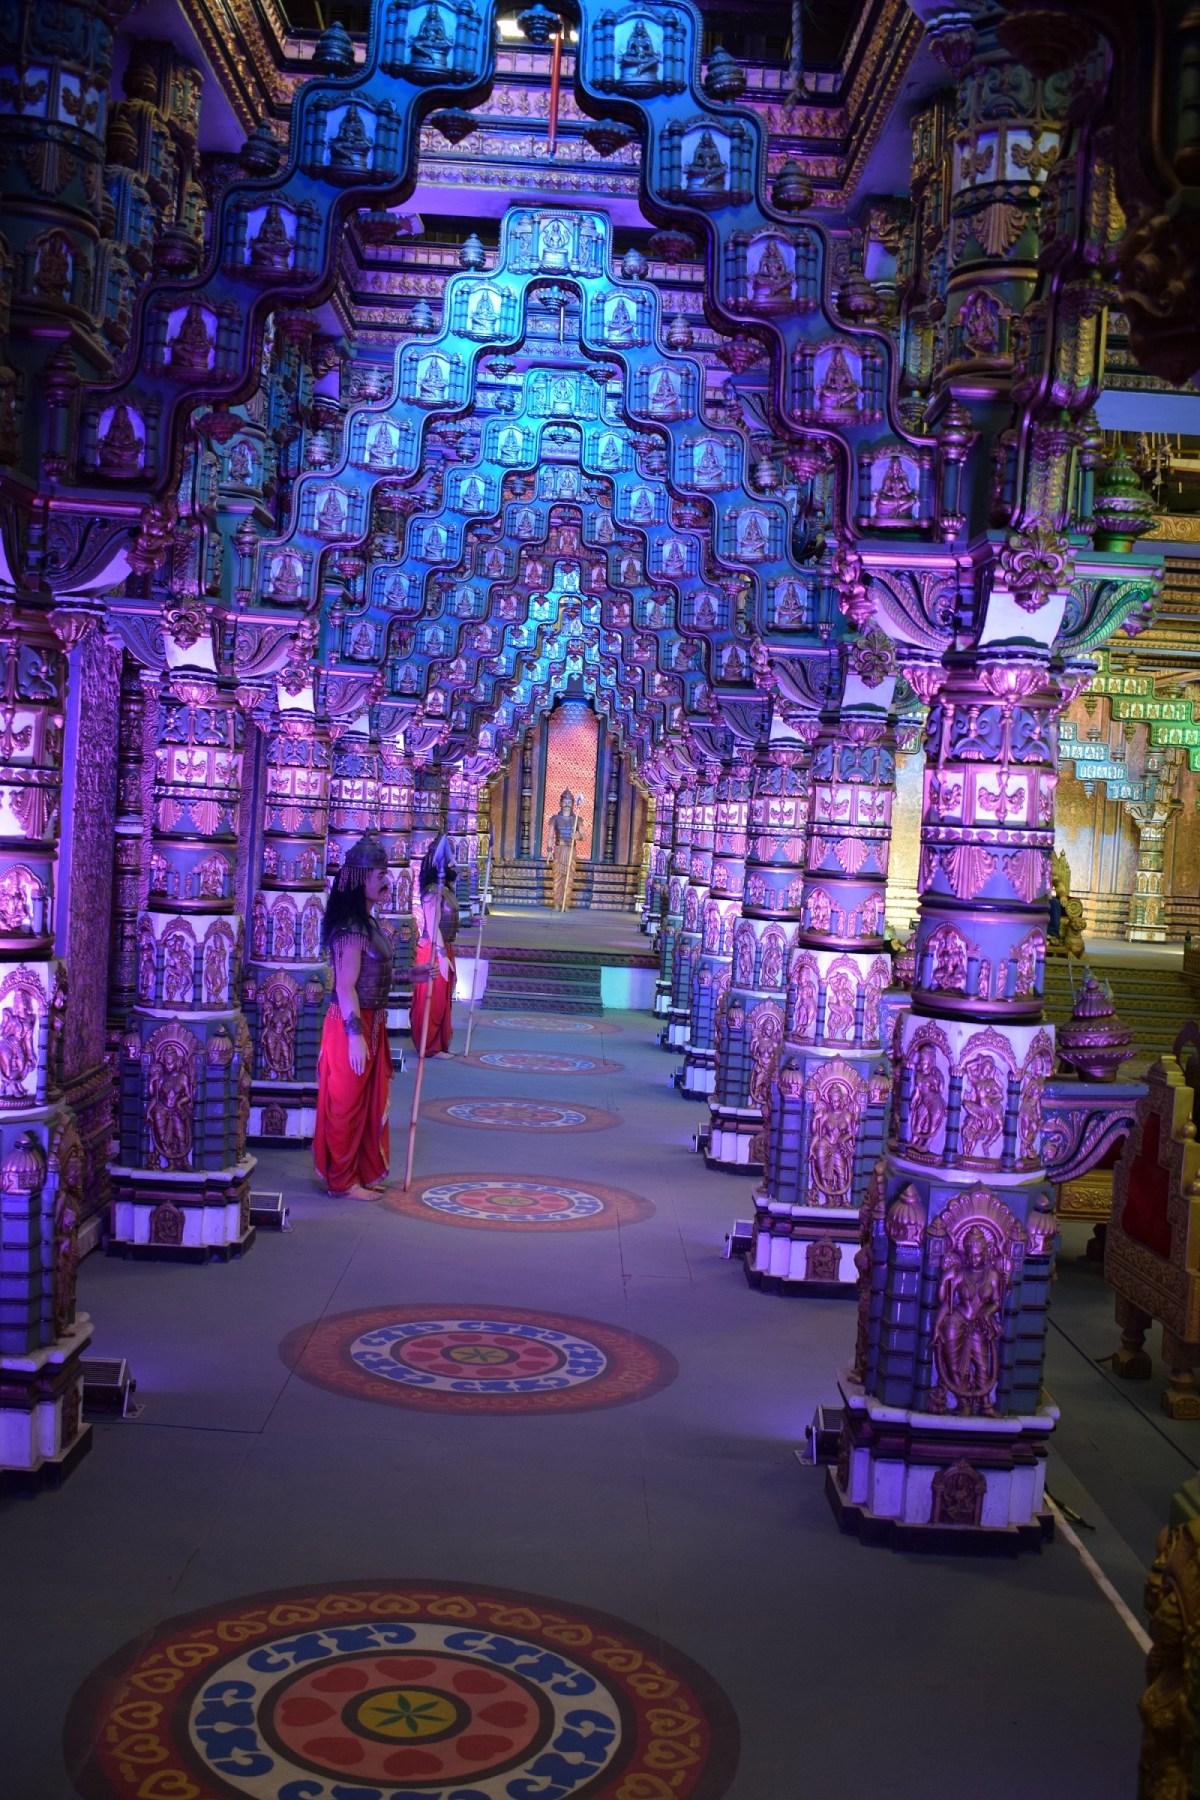 Ramayan-Mahabharat set